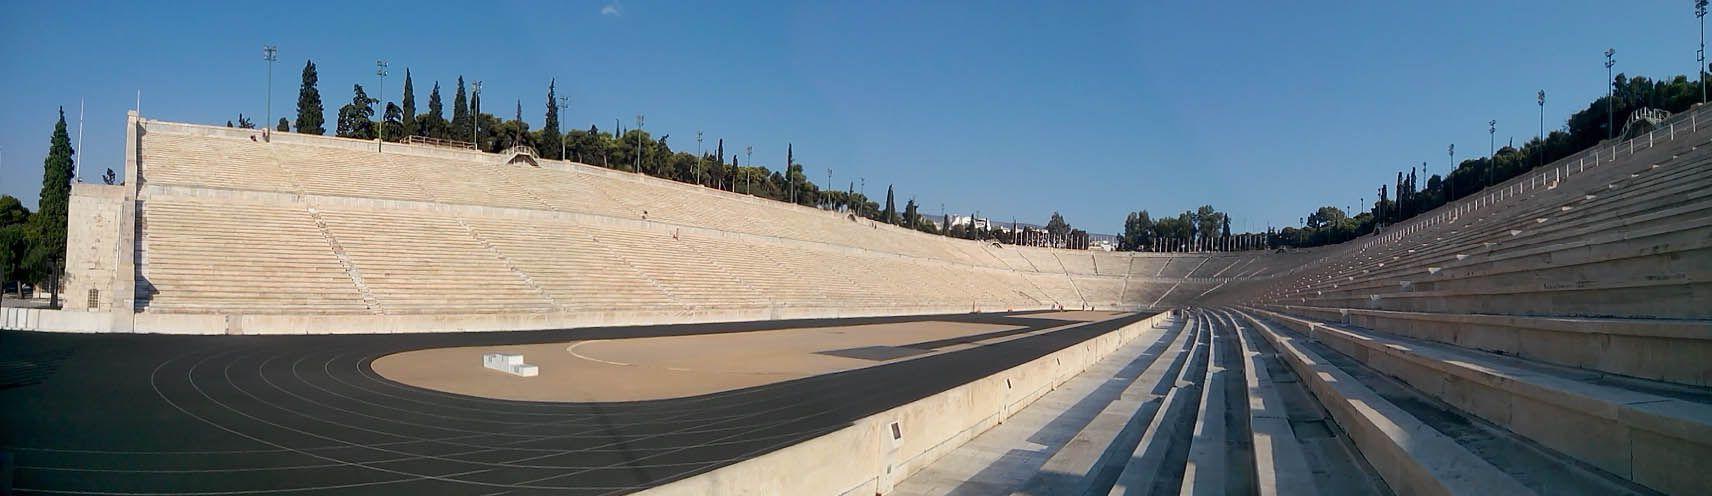 Panoramica dello Stadio Panathinaiko